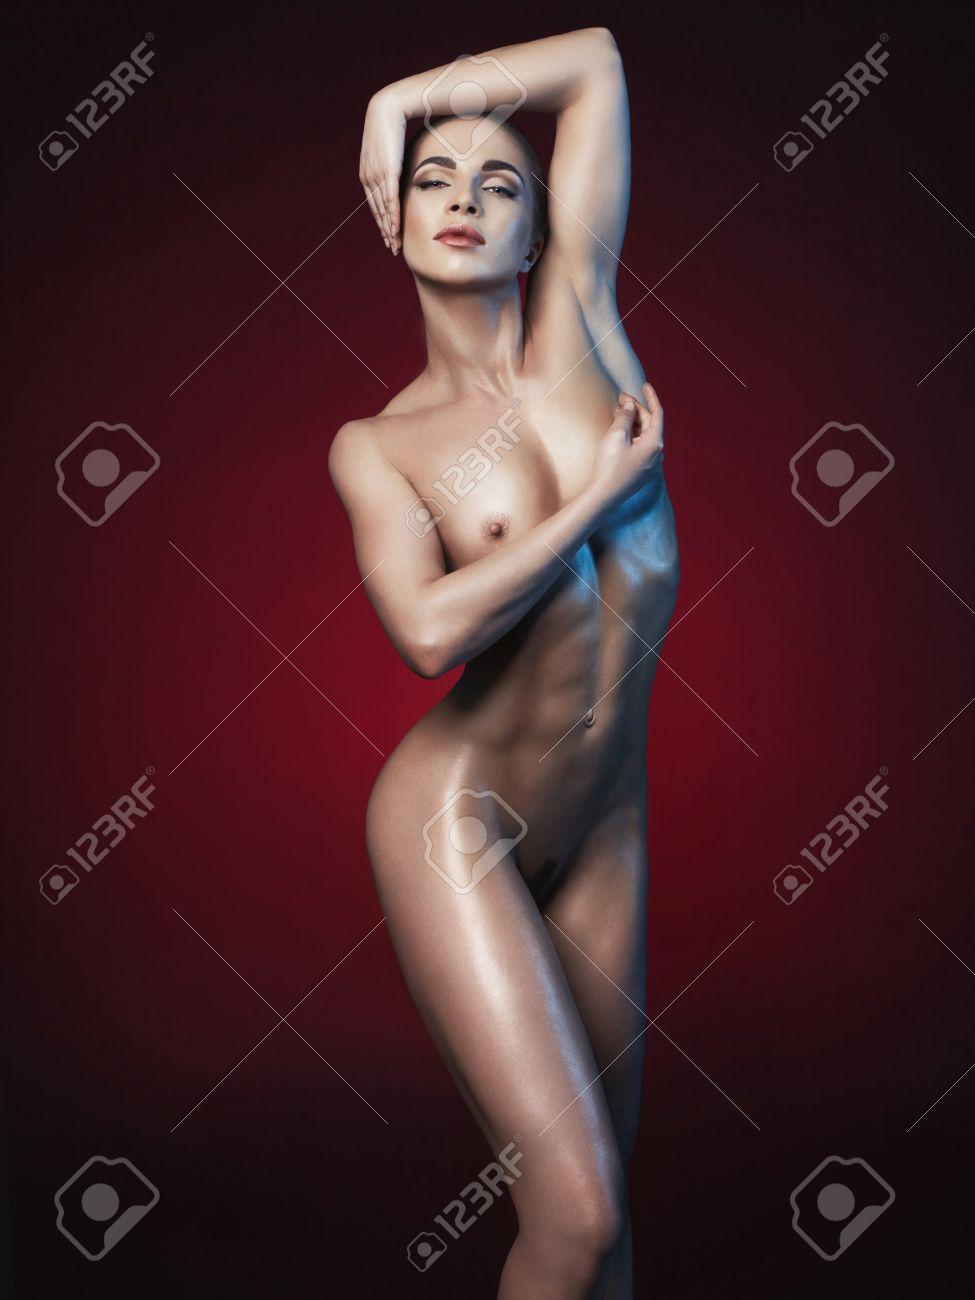 Owatonna minnesota girls nude